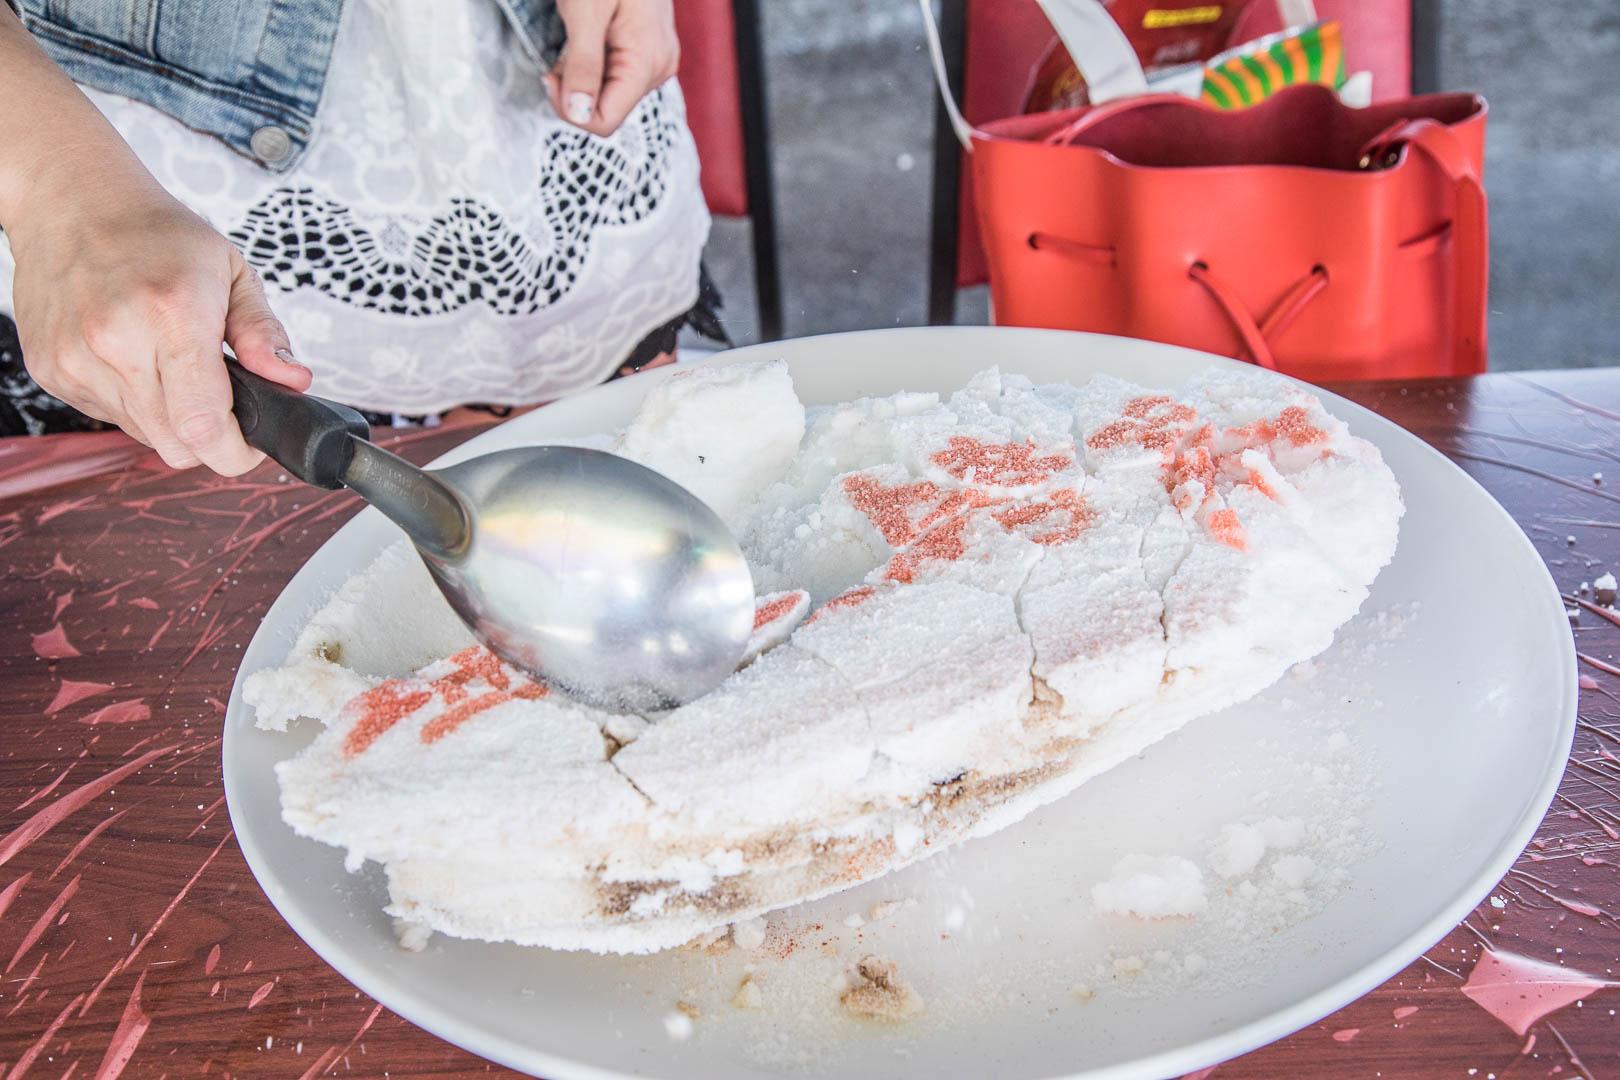 [宜蘭礁溪]天下沒有白吃的午餐,自己的烤魚自己敲!?敲敲打打超美味鹽味烤魚!塭底烤魚-礁溪店